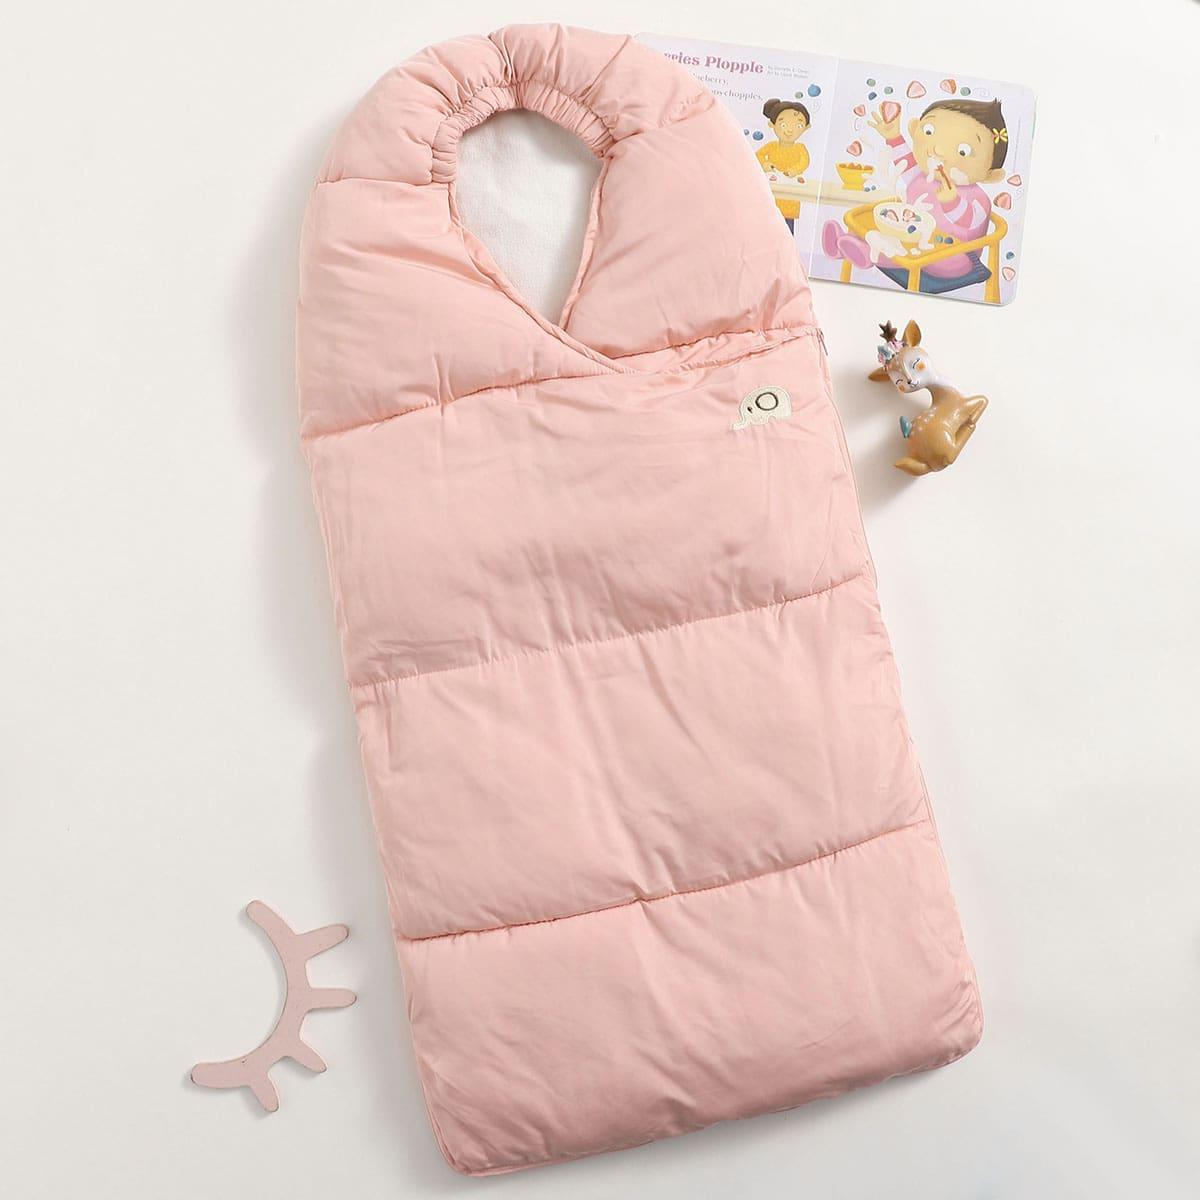 С вышивкой мультяшный принт спальный мешок для малышей